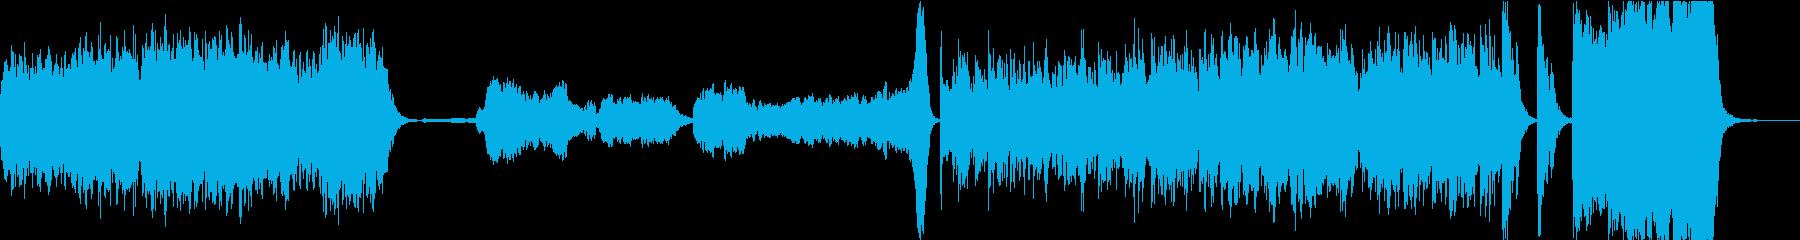 風来坊をイメージした活気あるオーケストラの再生済みの波形